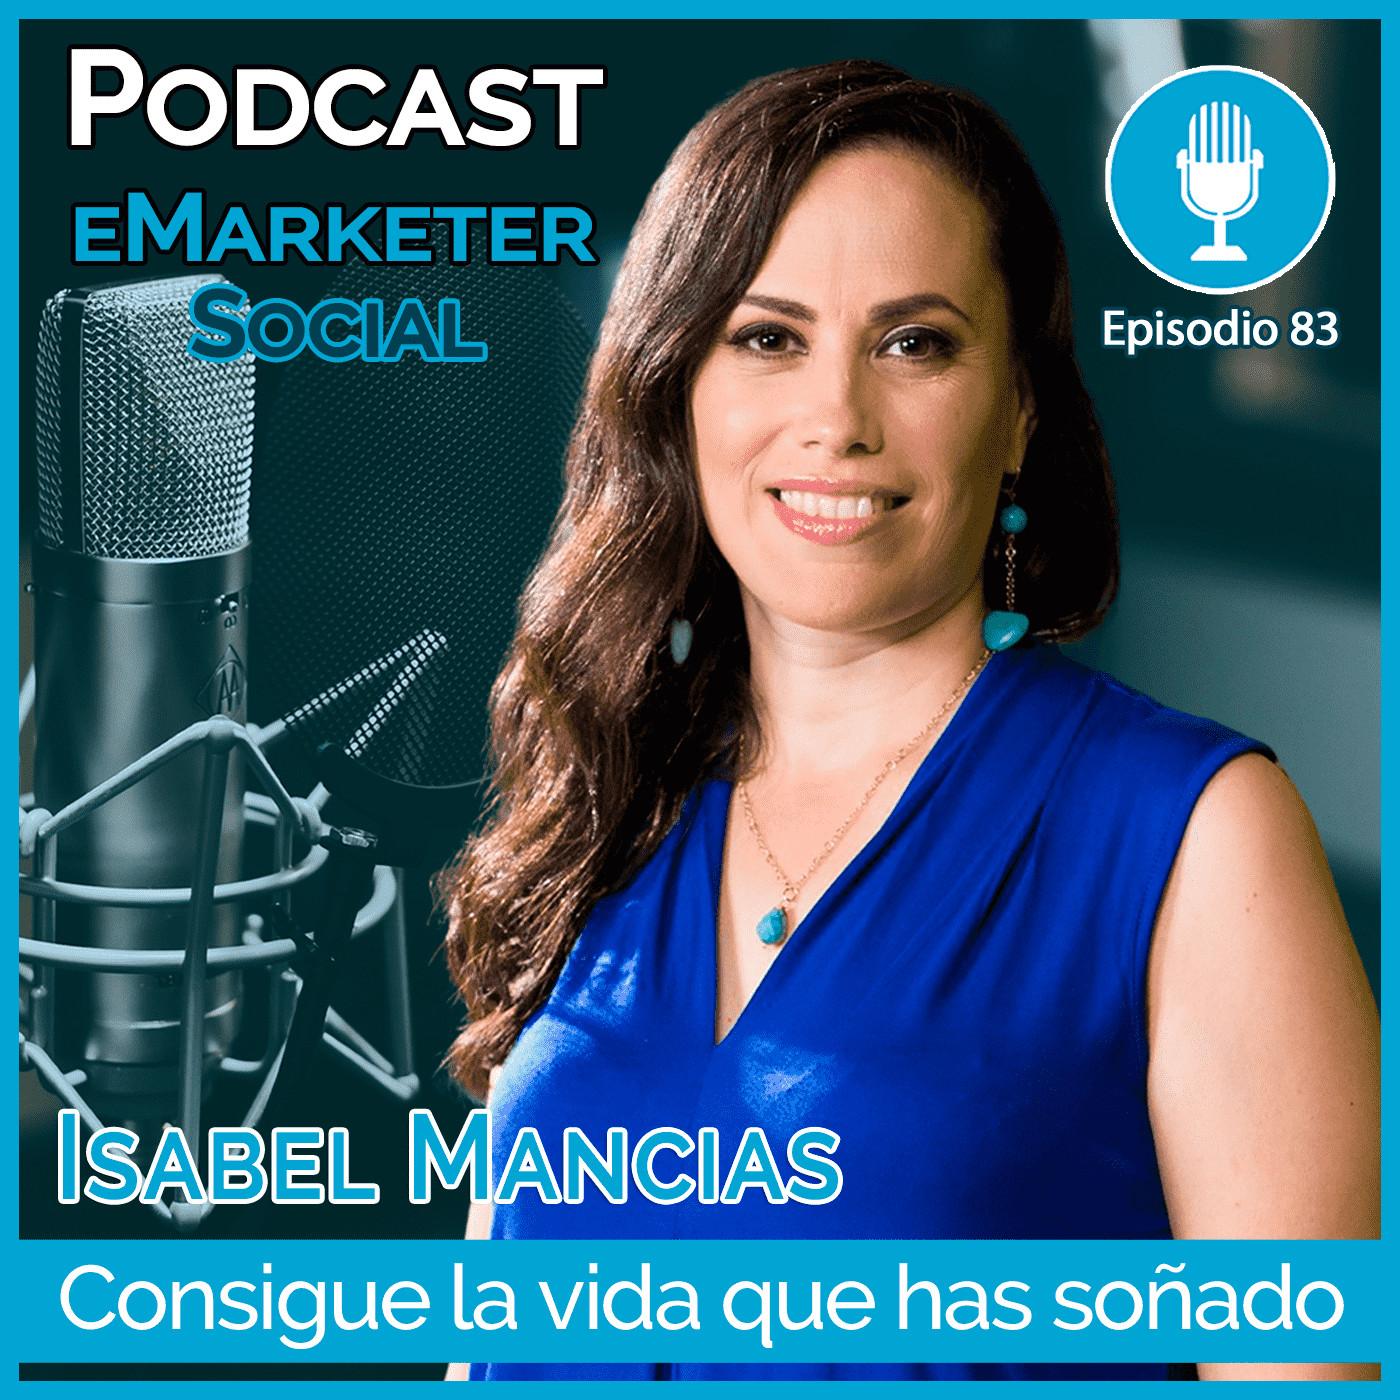 082 Isabel Mancias Coach del dinero 1ª parte en Podcast eMarketerSocial